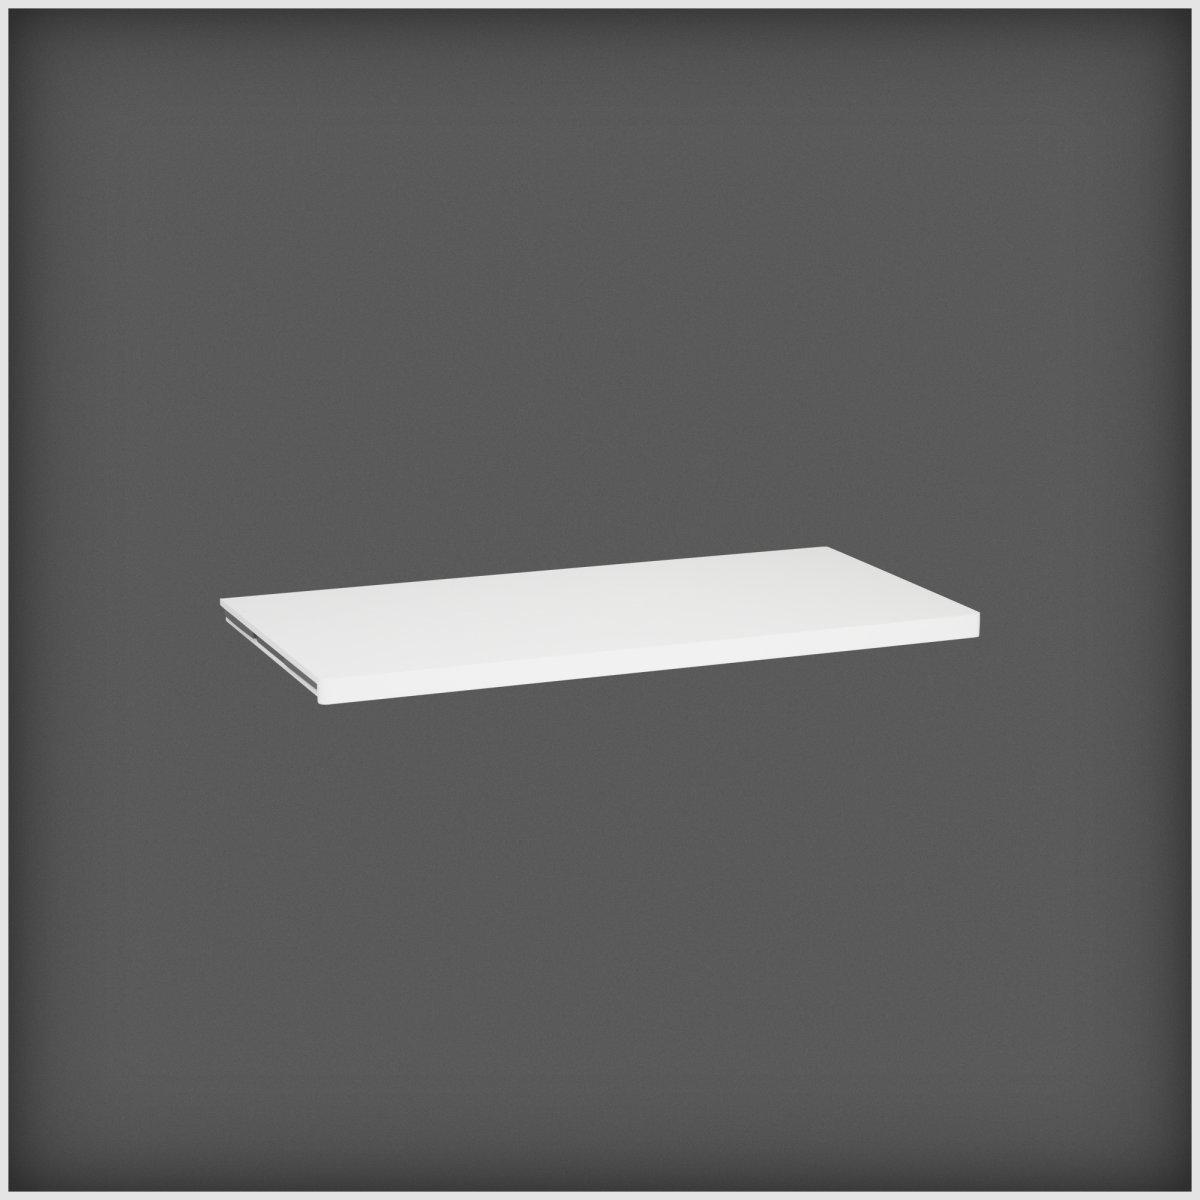 Elfa Décor hylde 40, længde 900 mm, hvid